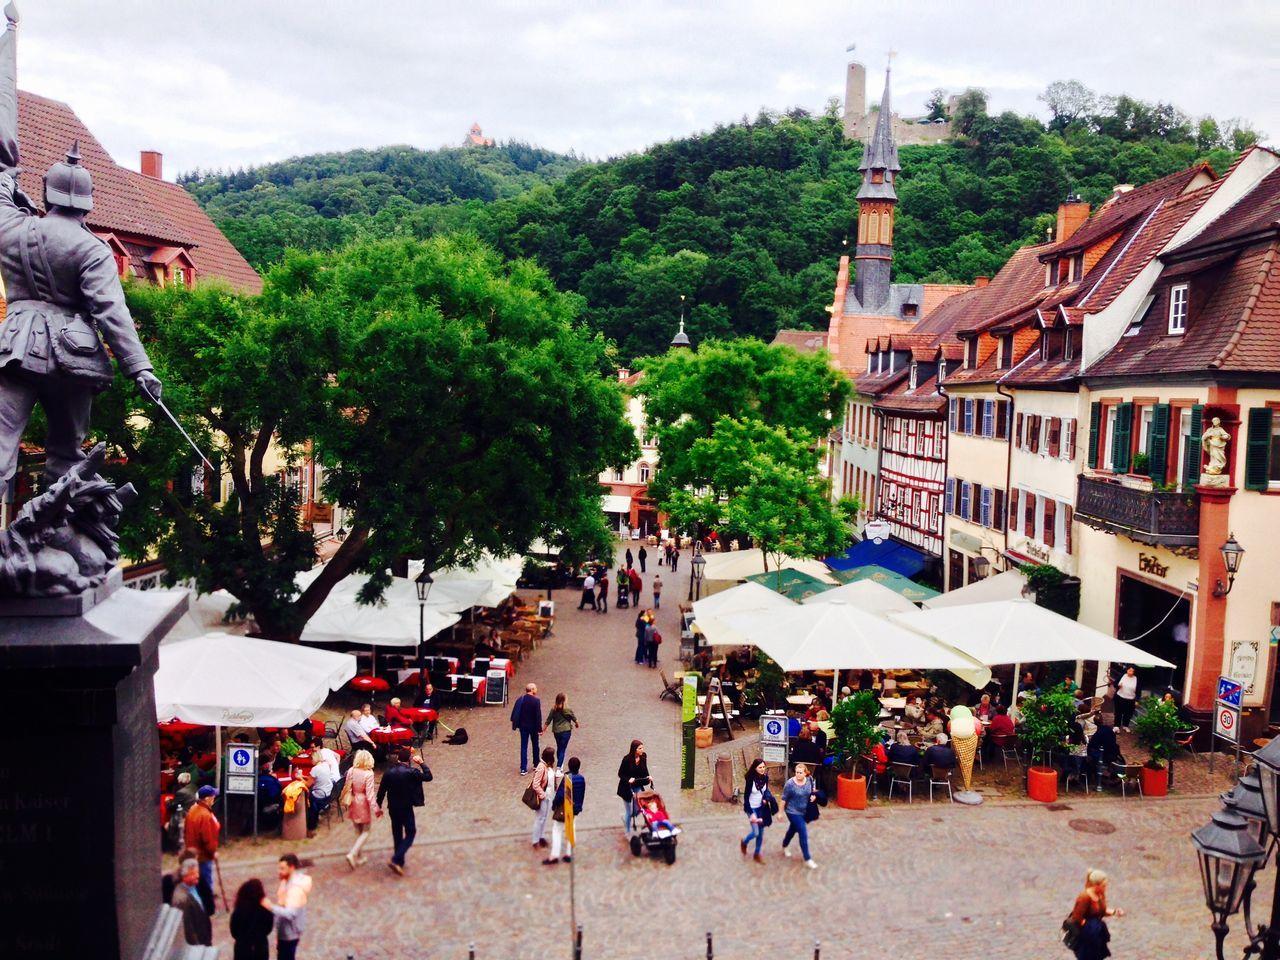 Point of view old city Altstadtleben Weinheim